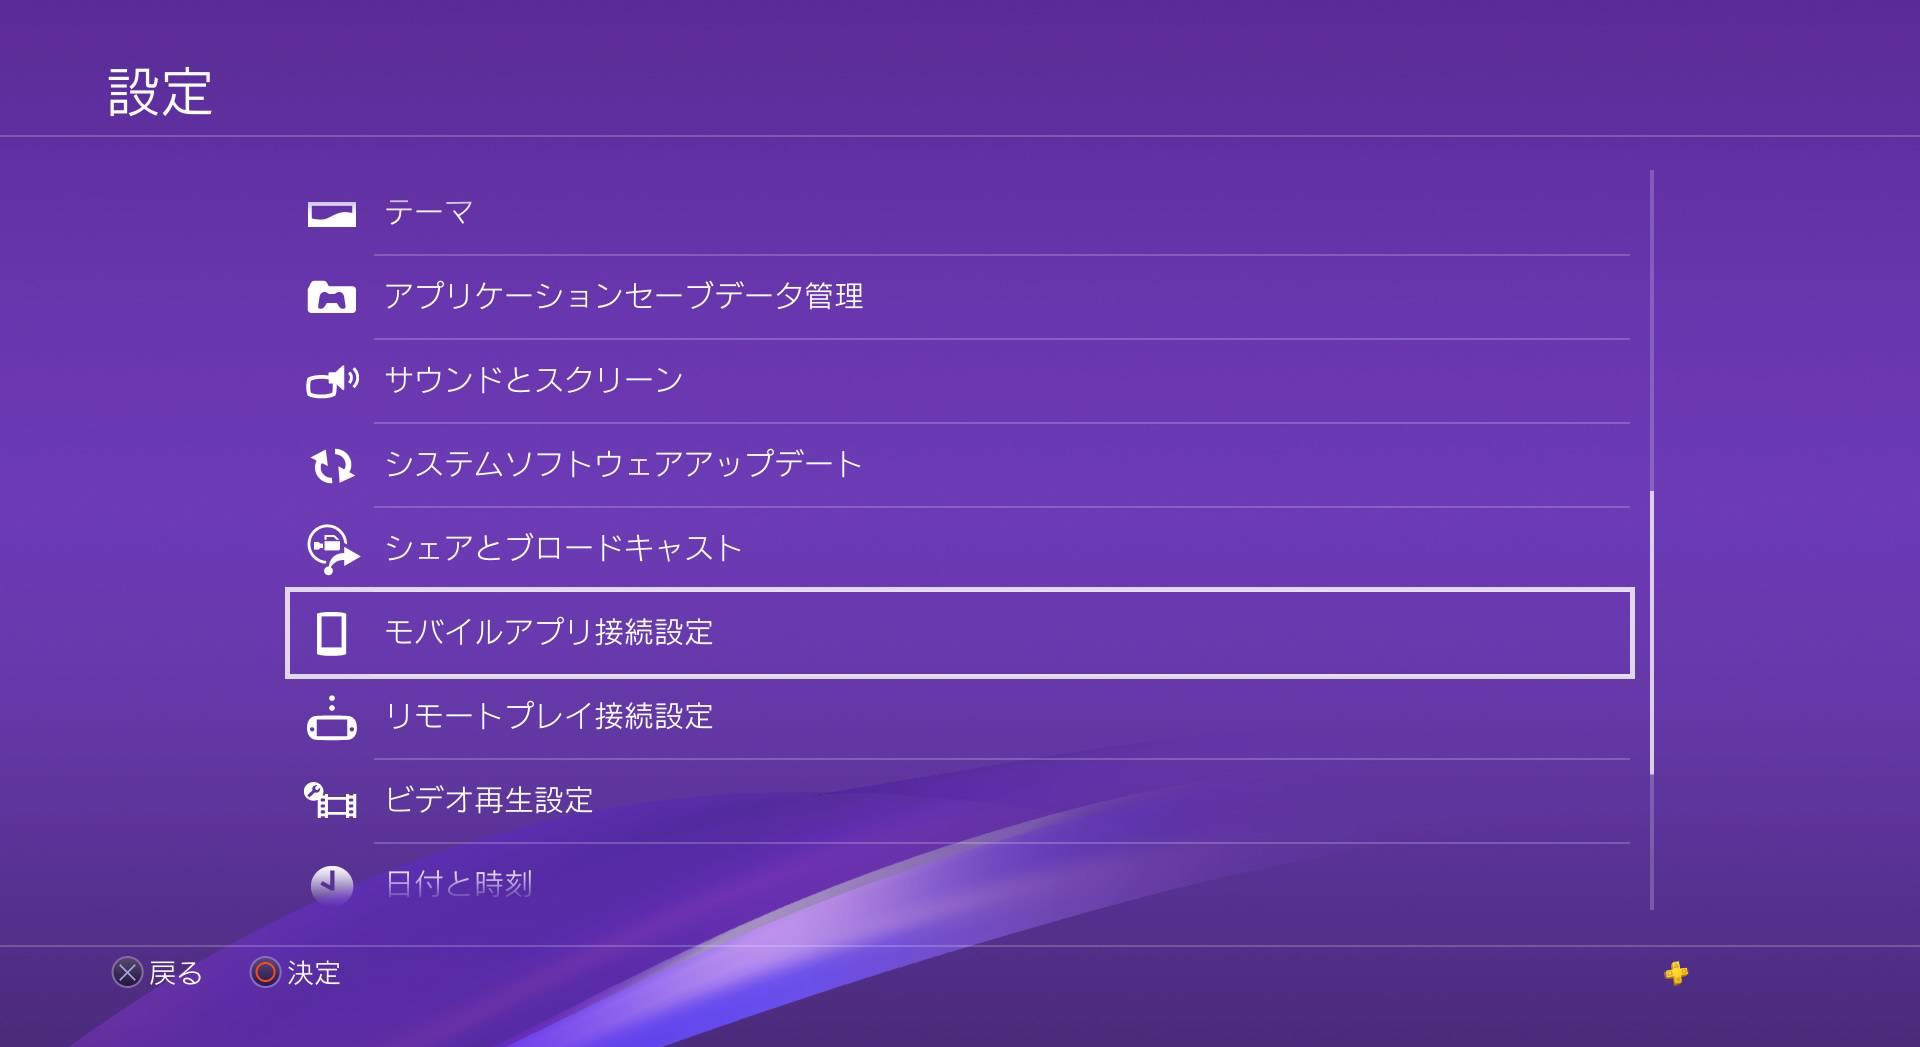 ps4【モバイルアプリ接続設定】